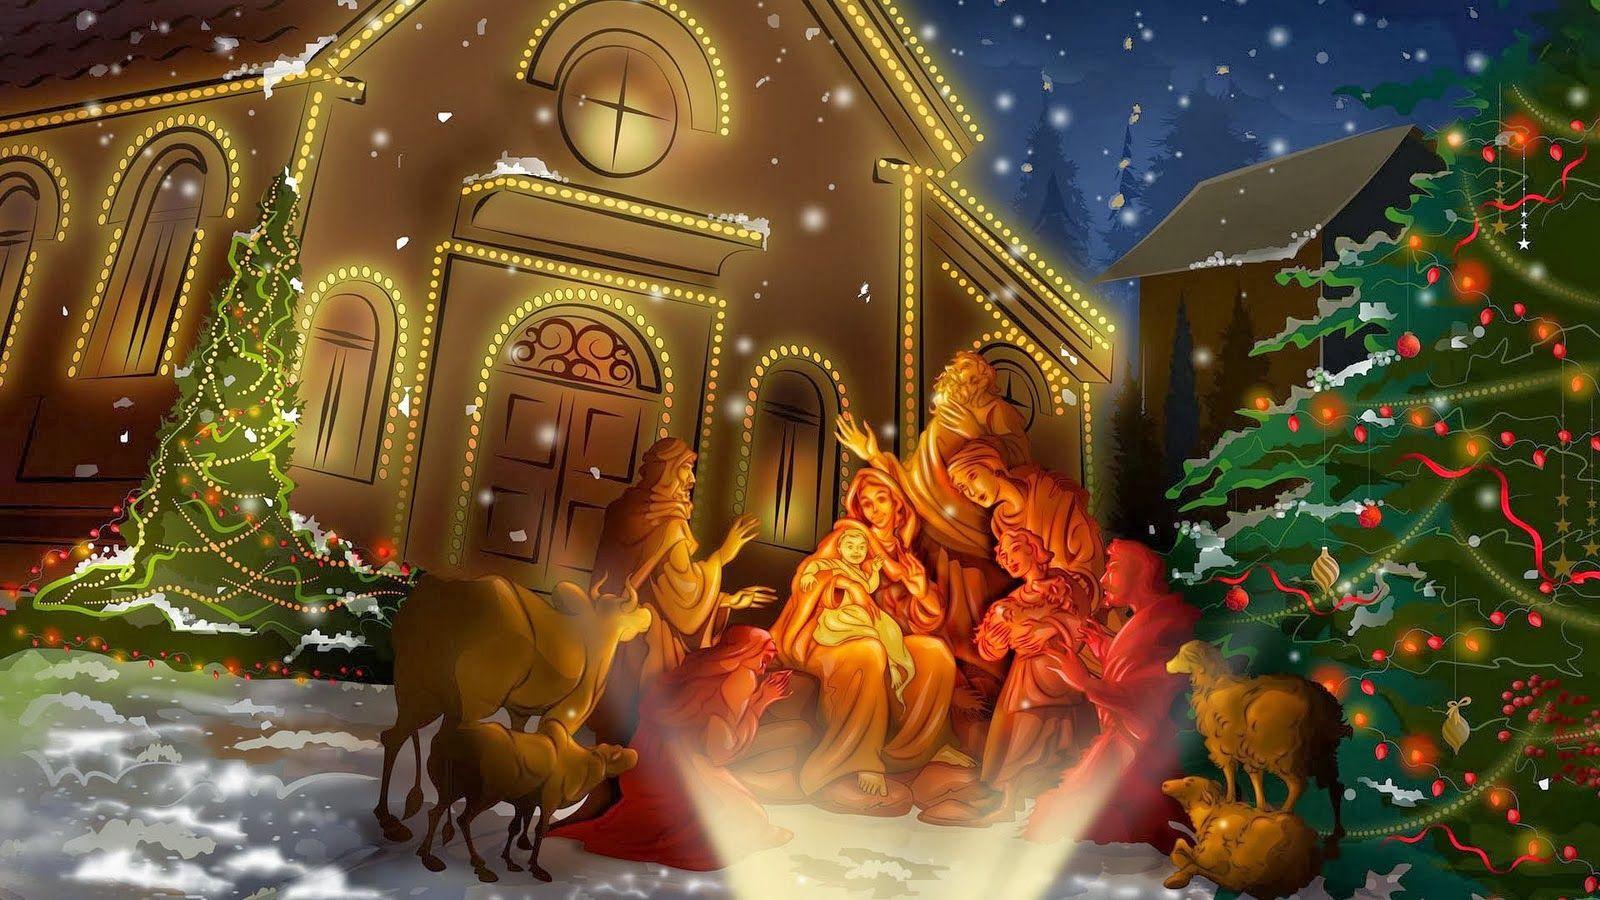 Fondos Navidad Animados: Fondos Navideños Animados En Hd Gratis 20 HD Wallpapers